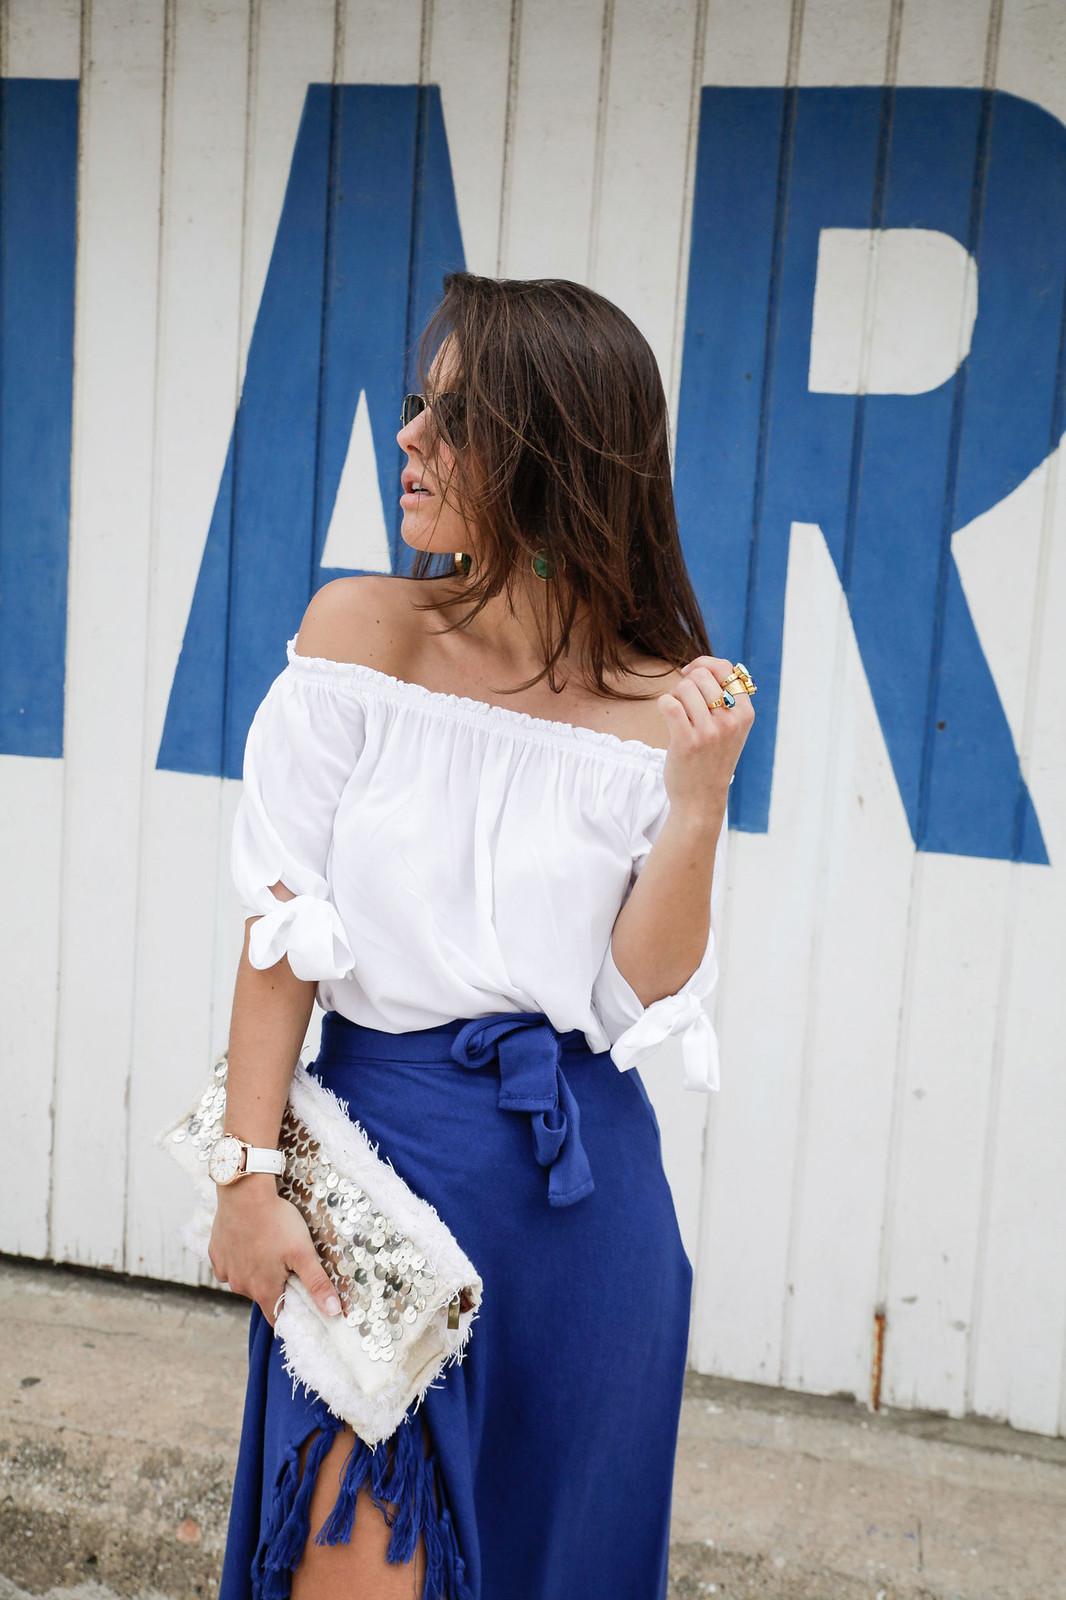 014_Falda_Azul_boho_look_marinero_theguestgirl_influencer_barcelona_marca_portugal_ruga